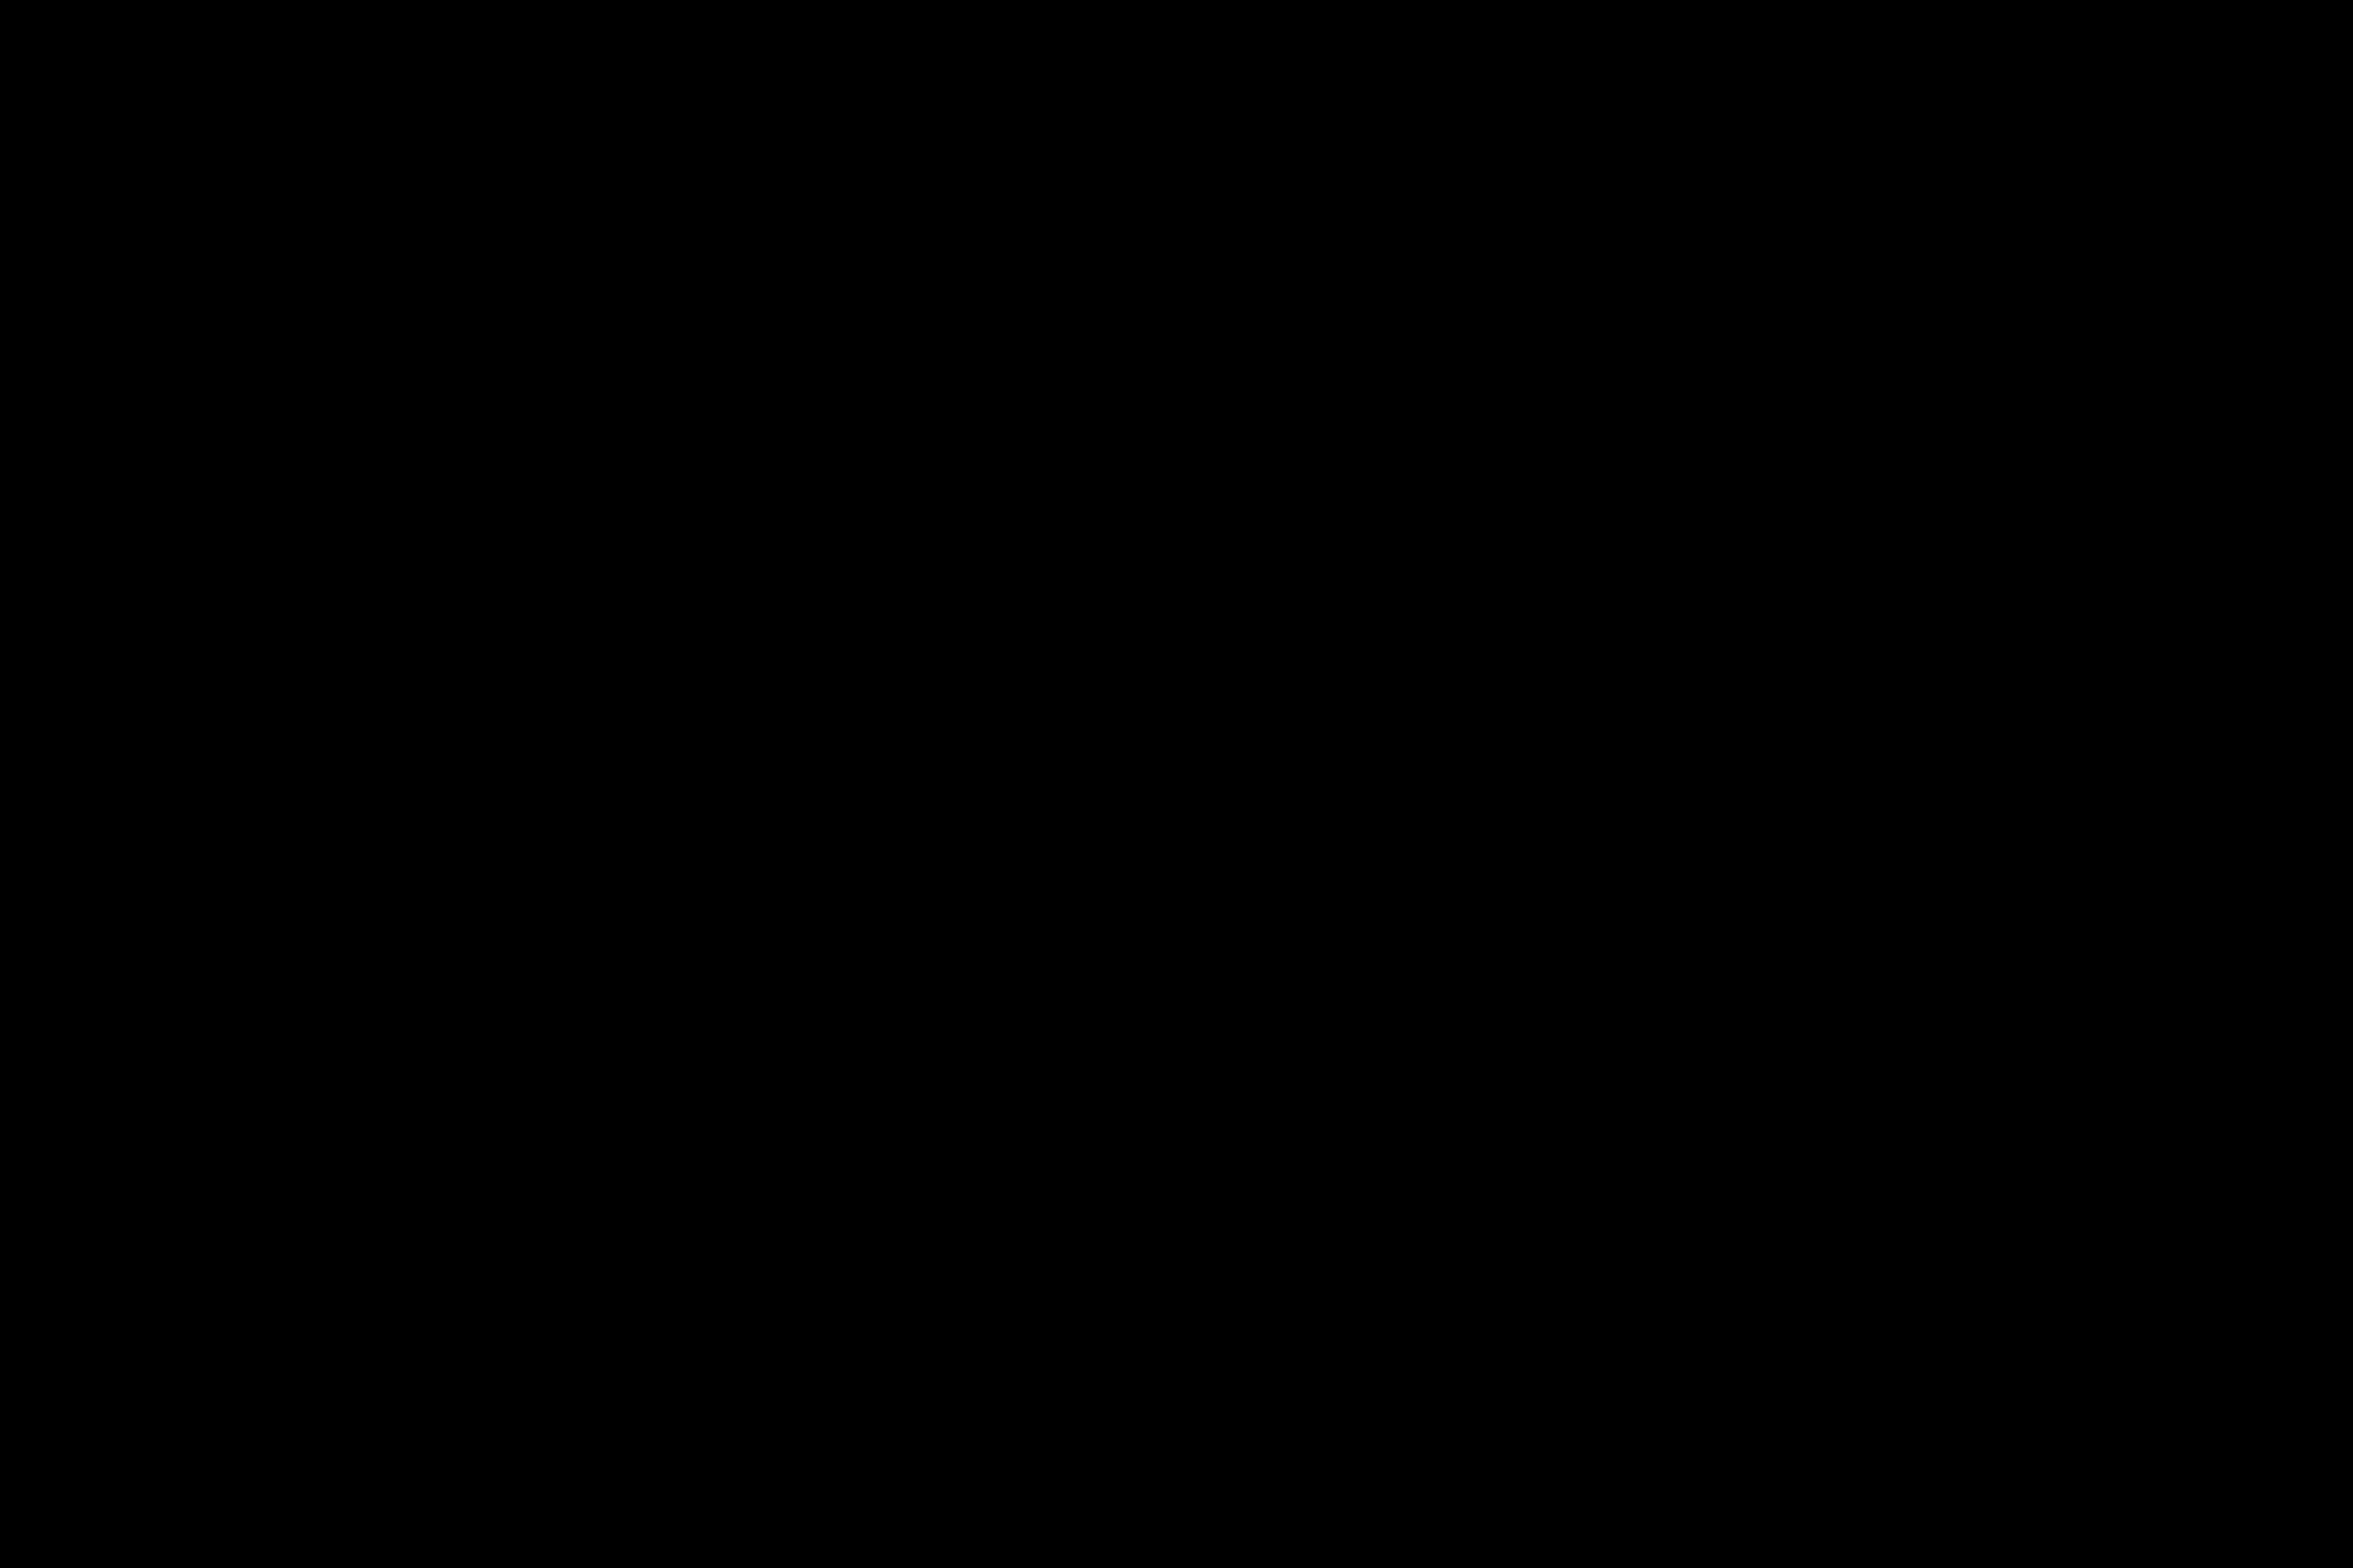 Calendrier 2016 imprimer excel et pdf webcalendrier - Calendrier lunaire decembre 2016 ...